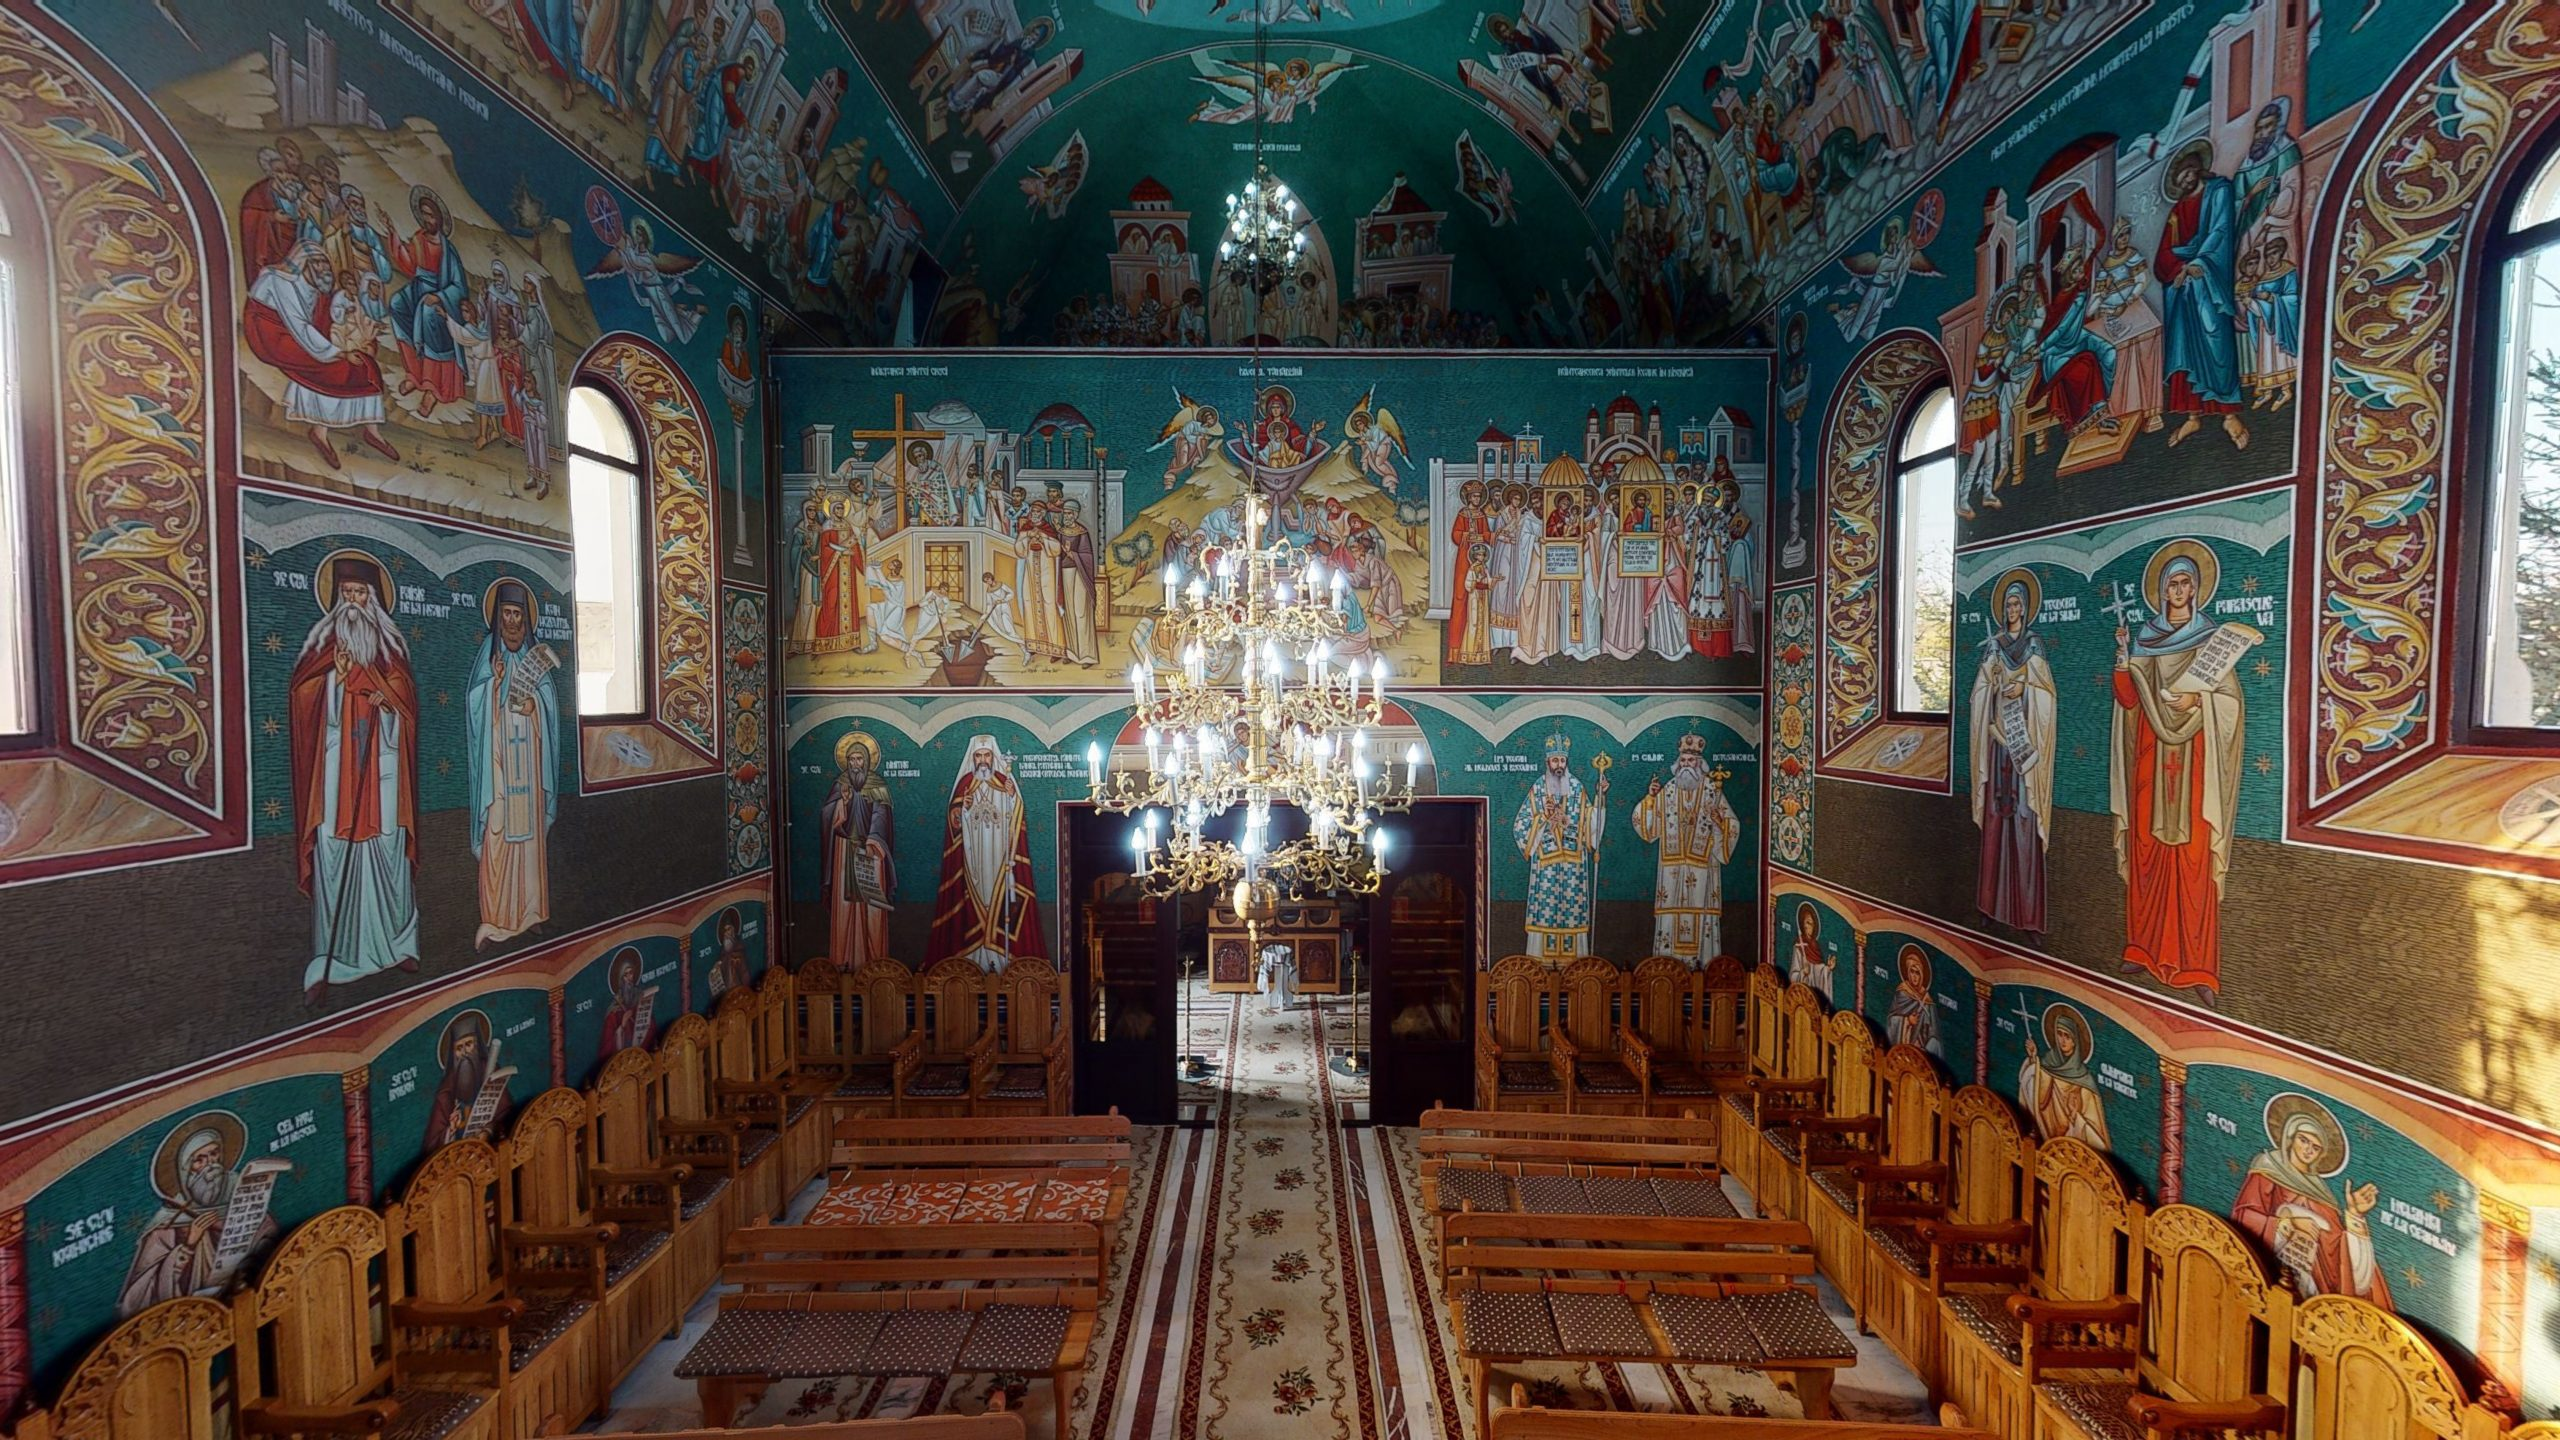 Biserica-Sfintii-Trei-Ierarhi-Flamanzi-11172020_005449